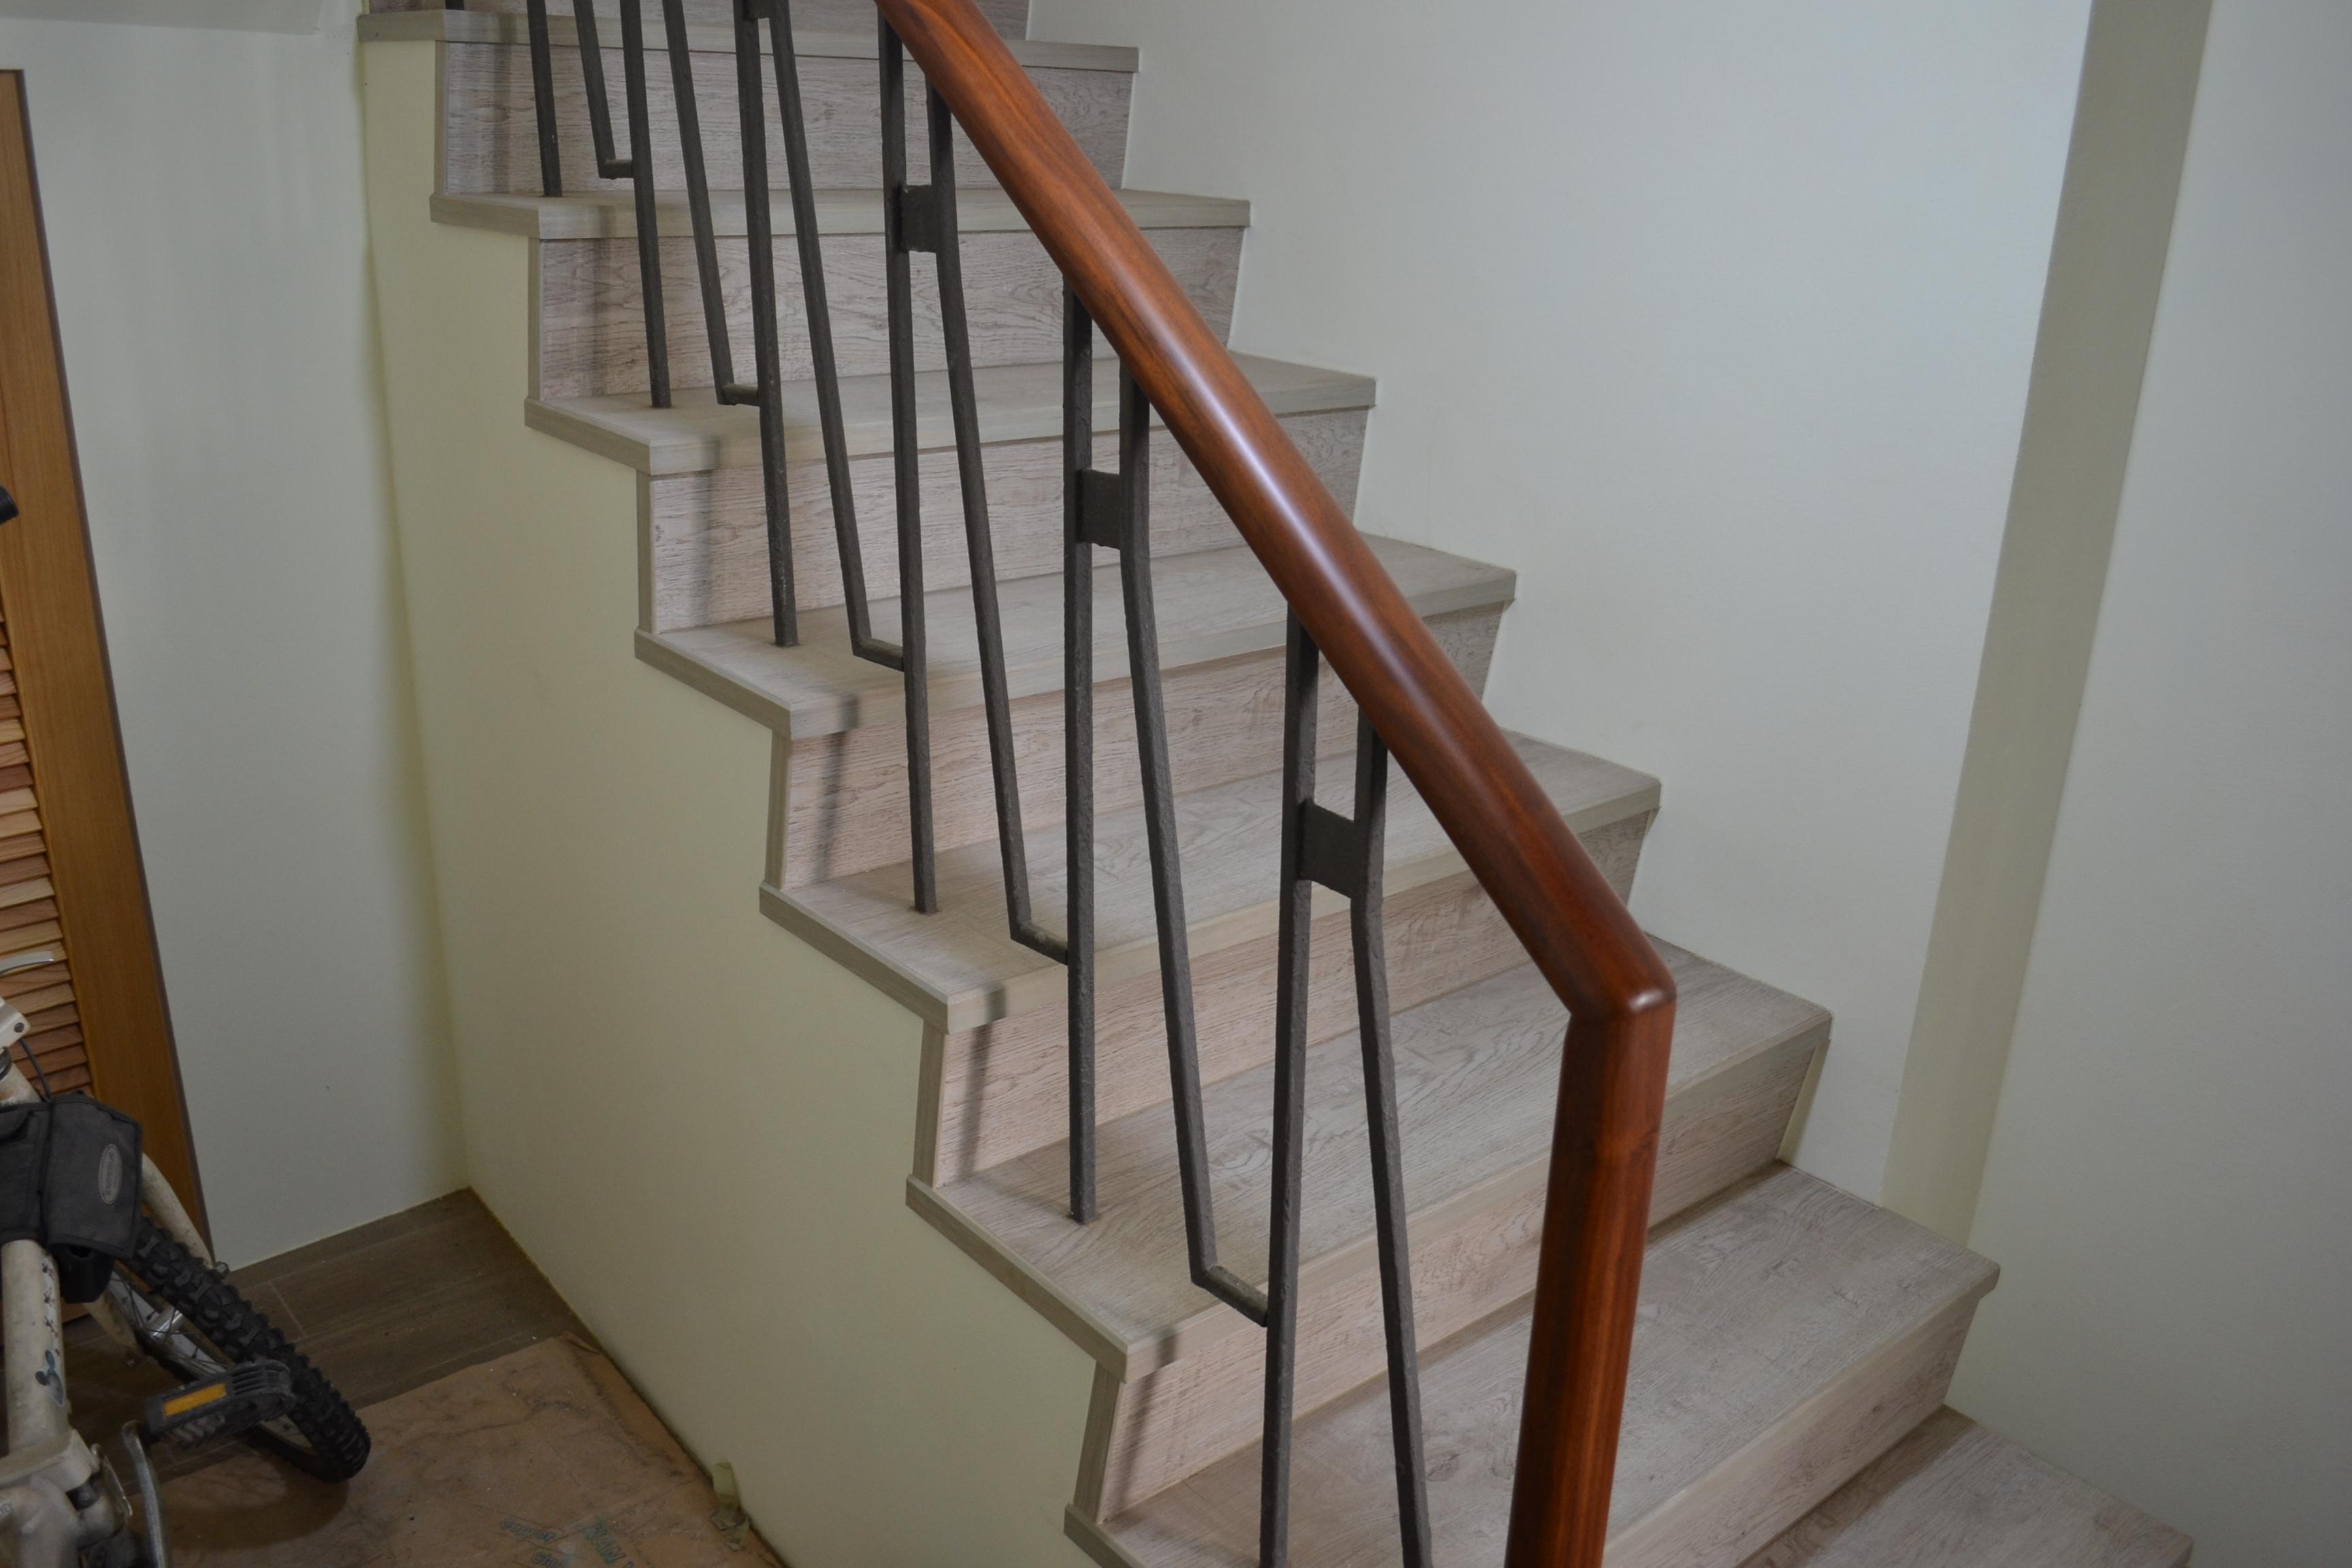 超耐磨地板 碳化基材 宙斯 做樓梯踏面與立面。非洲柚木扶手本色(桃園大溪)